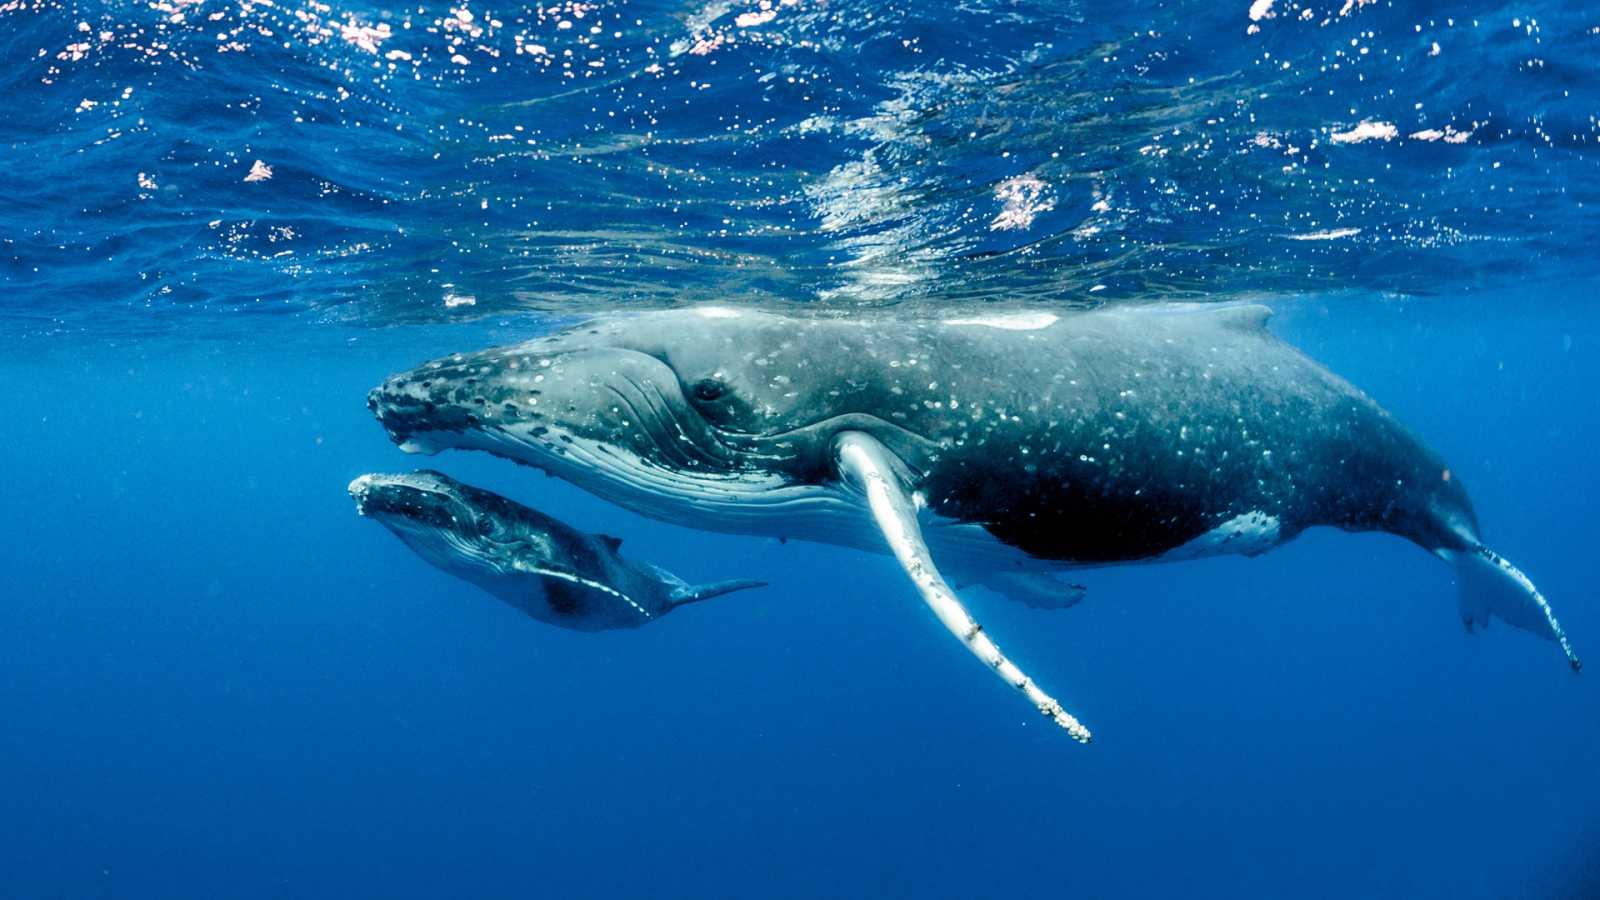 Españoles en la mar - Escuchar la vida marina desde cualquier lugar del mundo - 03/08/20 - escuchar ahora